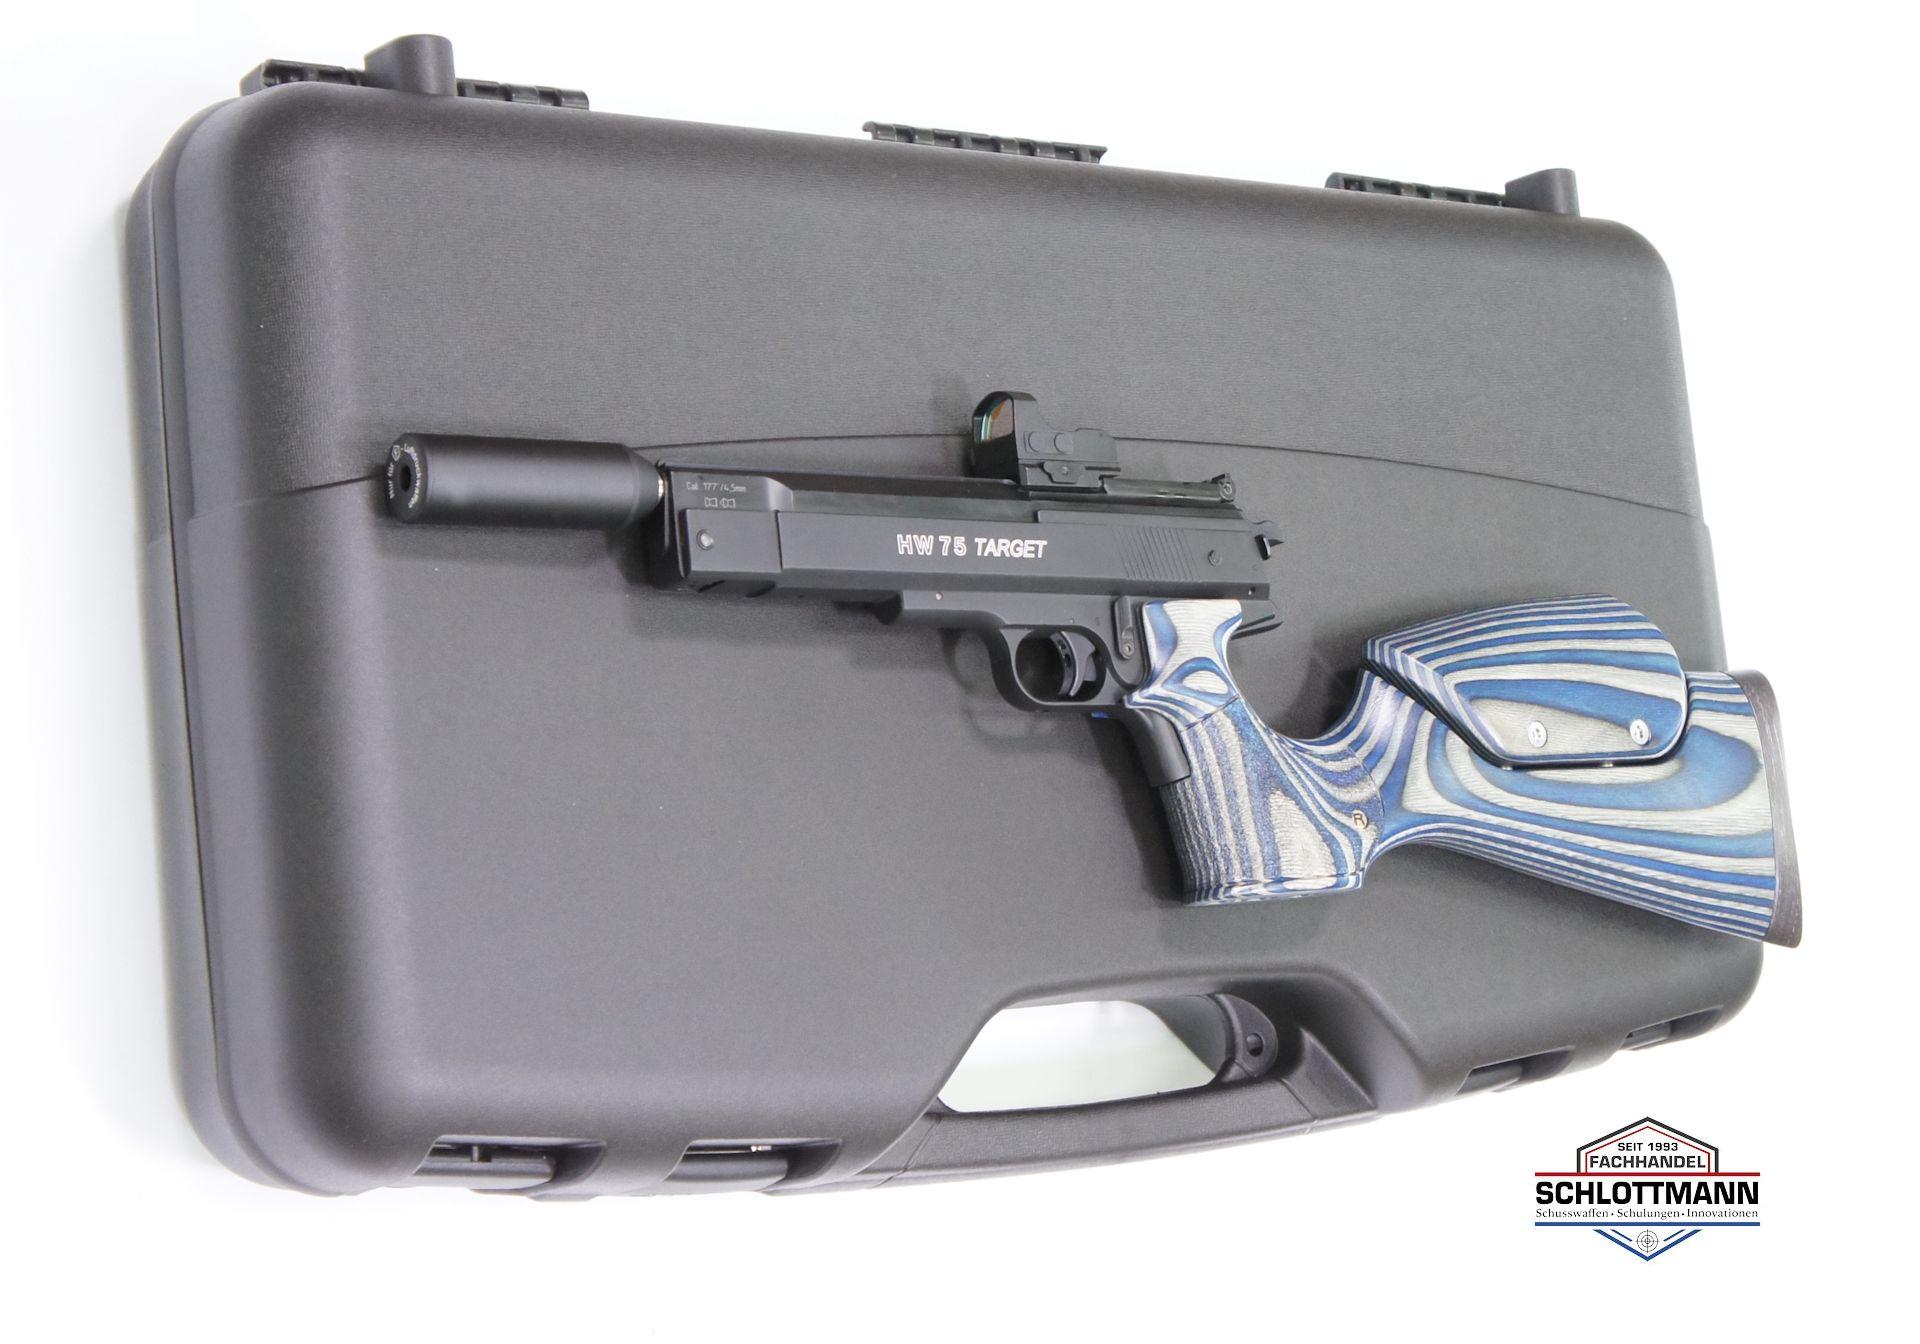 Mehr Koffer ist für so eine Pistole nicht nötig.